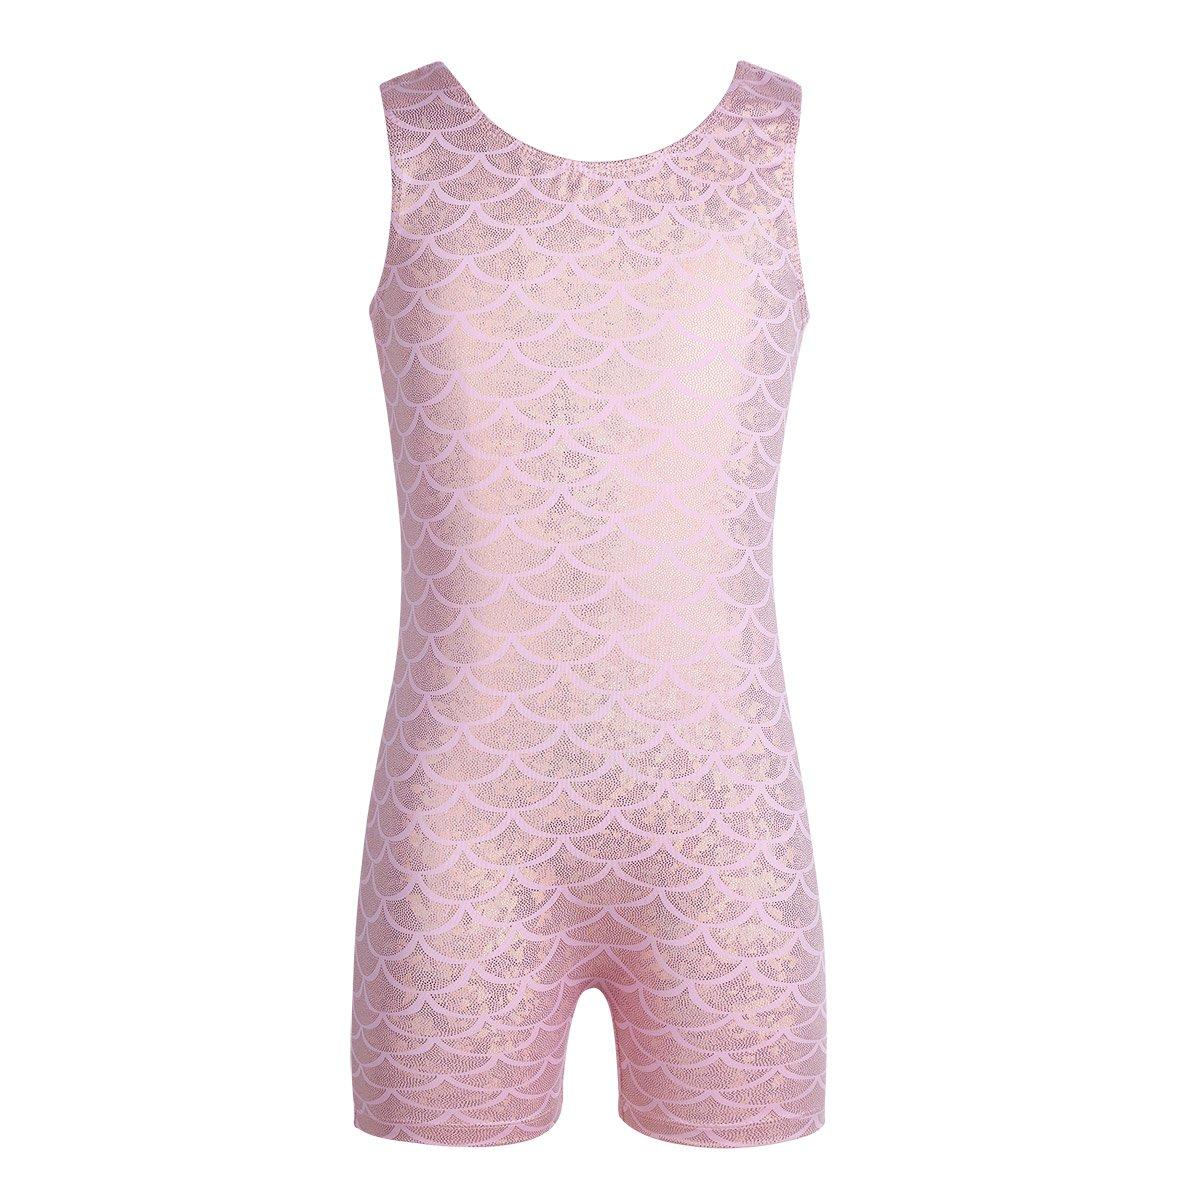 CHICTRY ガールズ ミスティック スパークルノースリーブ 体操 タンクトップ レオタード カラフル リボン ダンス ユニット B07DPHMJH2 Shiny Scales Pink 43750